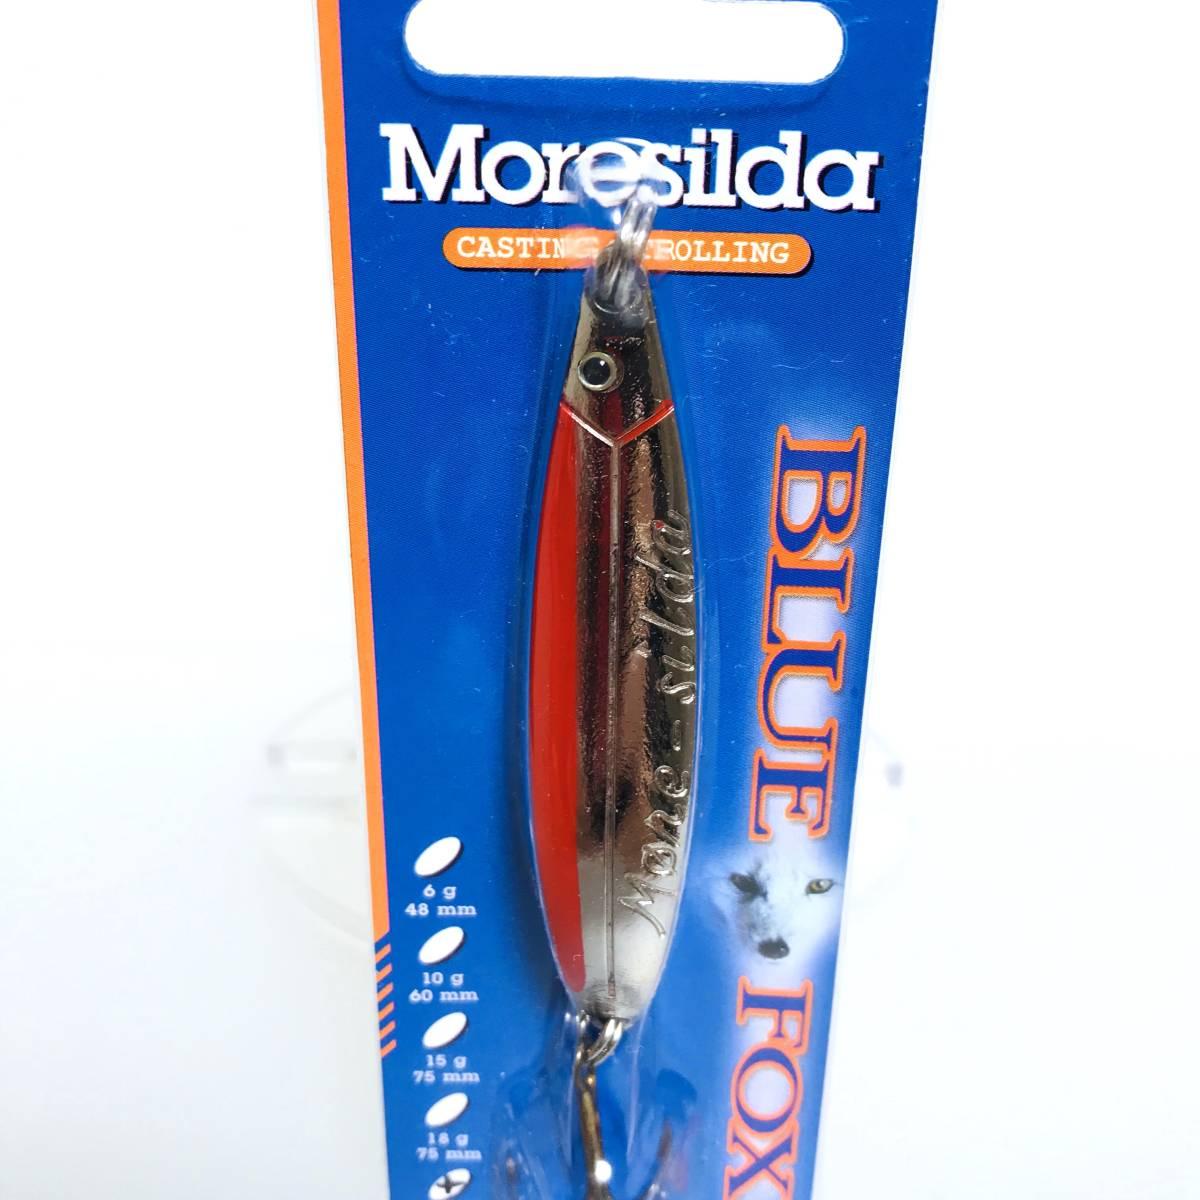 モアシルダ MORESILDA スプーン 22g RAPALA(ラパラ) BLUE FOX(ブルーフォックス)検)シーバス ルアー